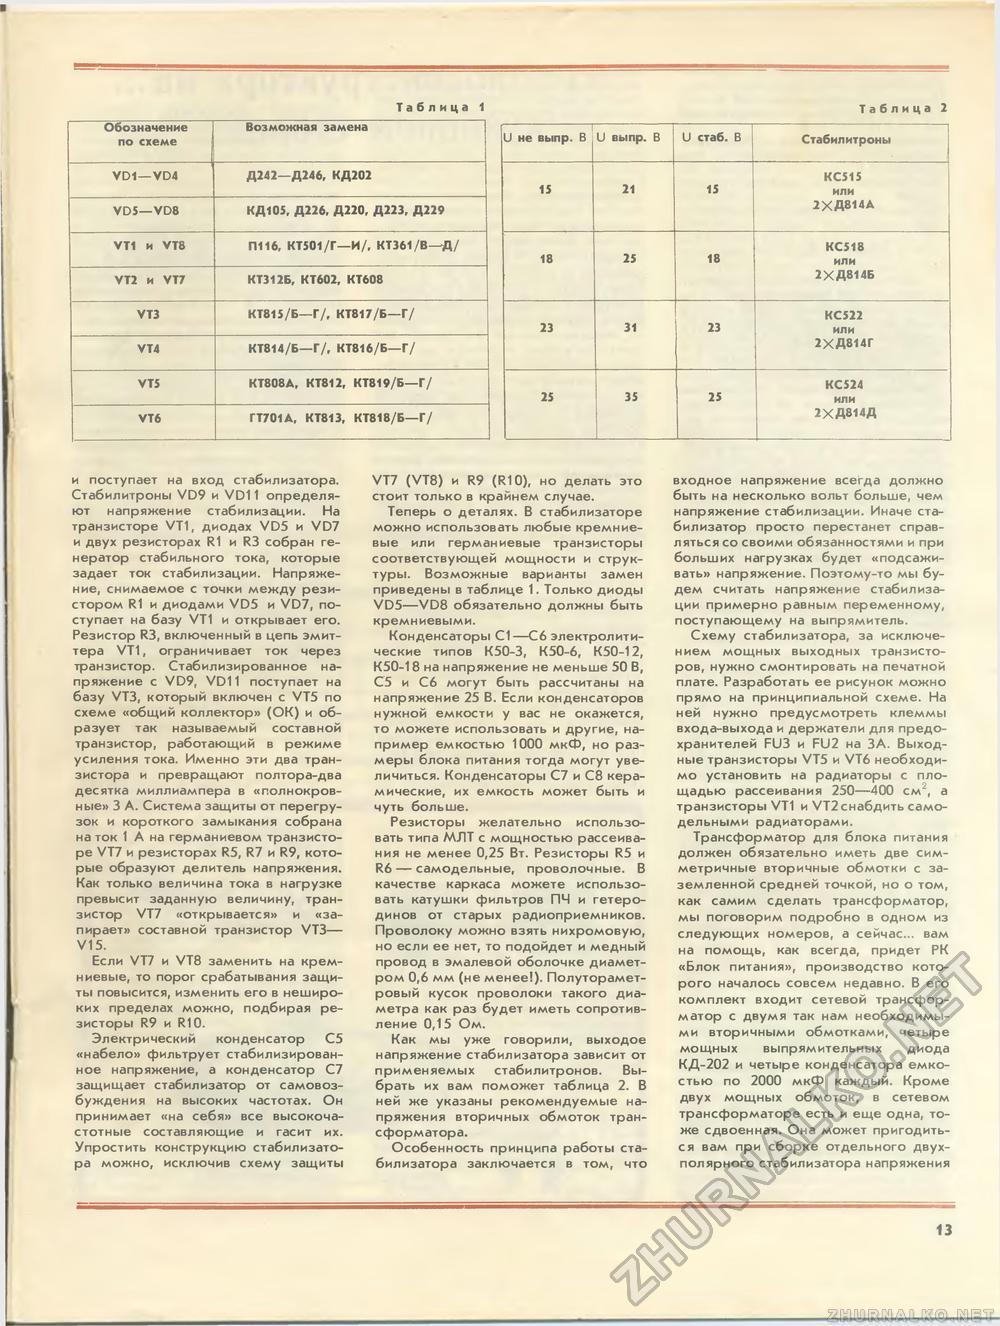 принципиальная схема на кс515